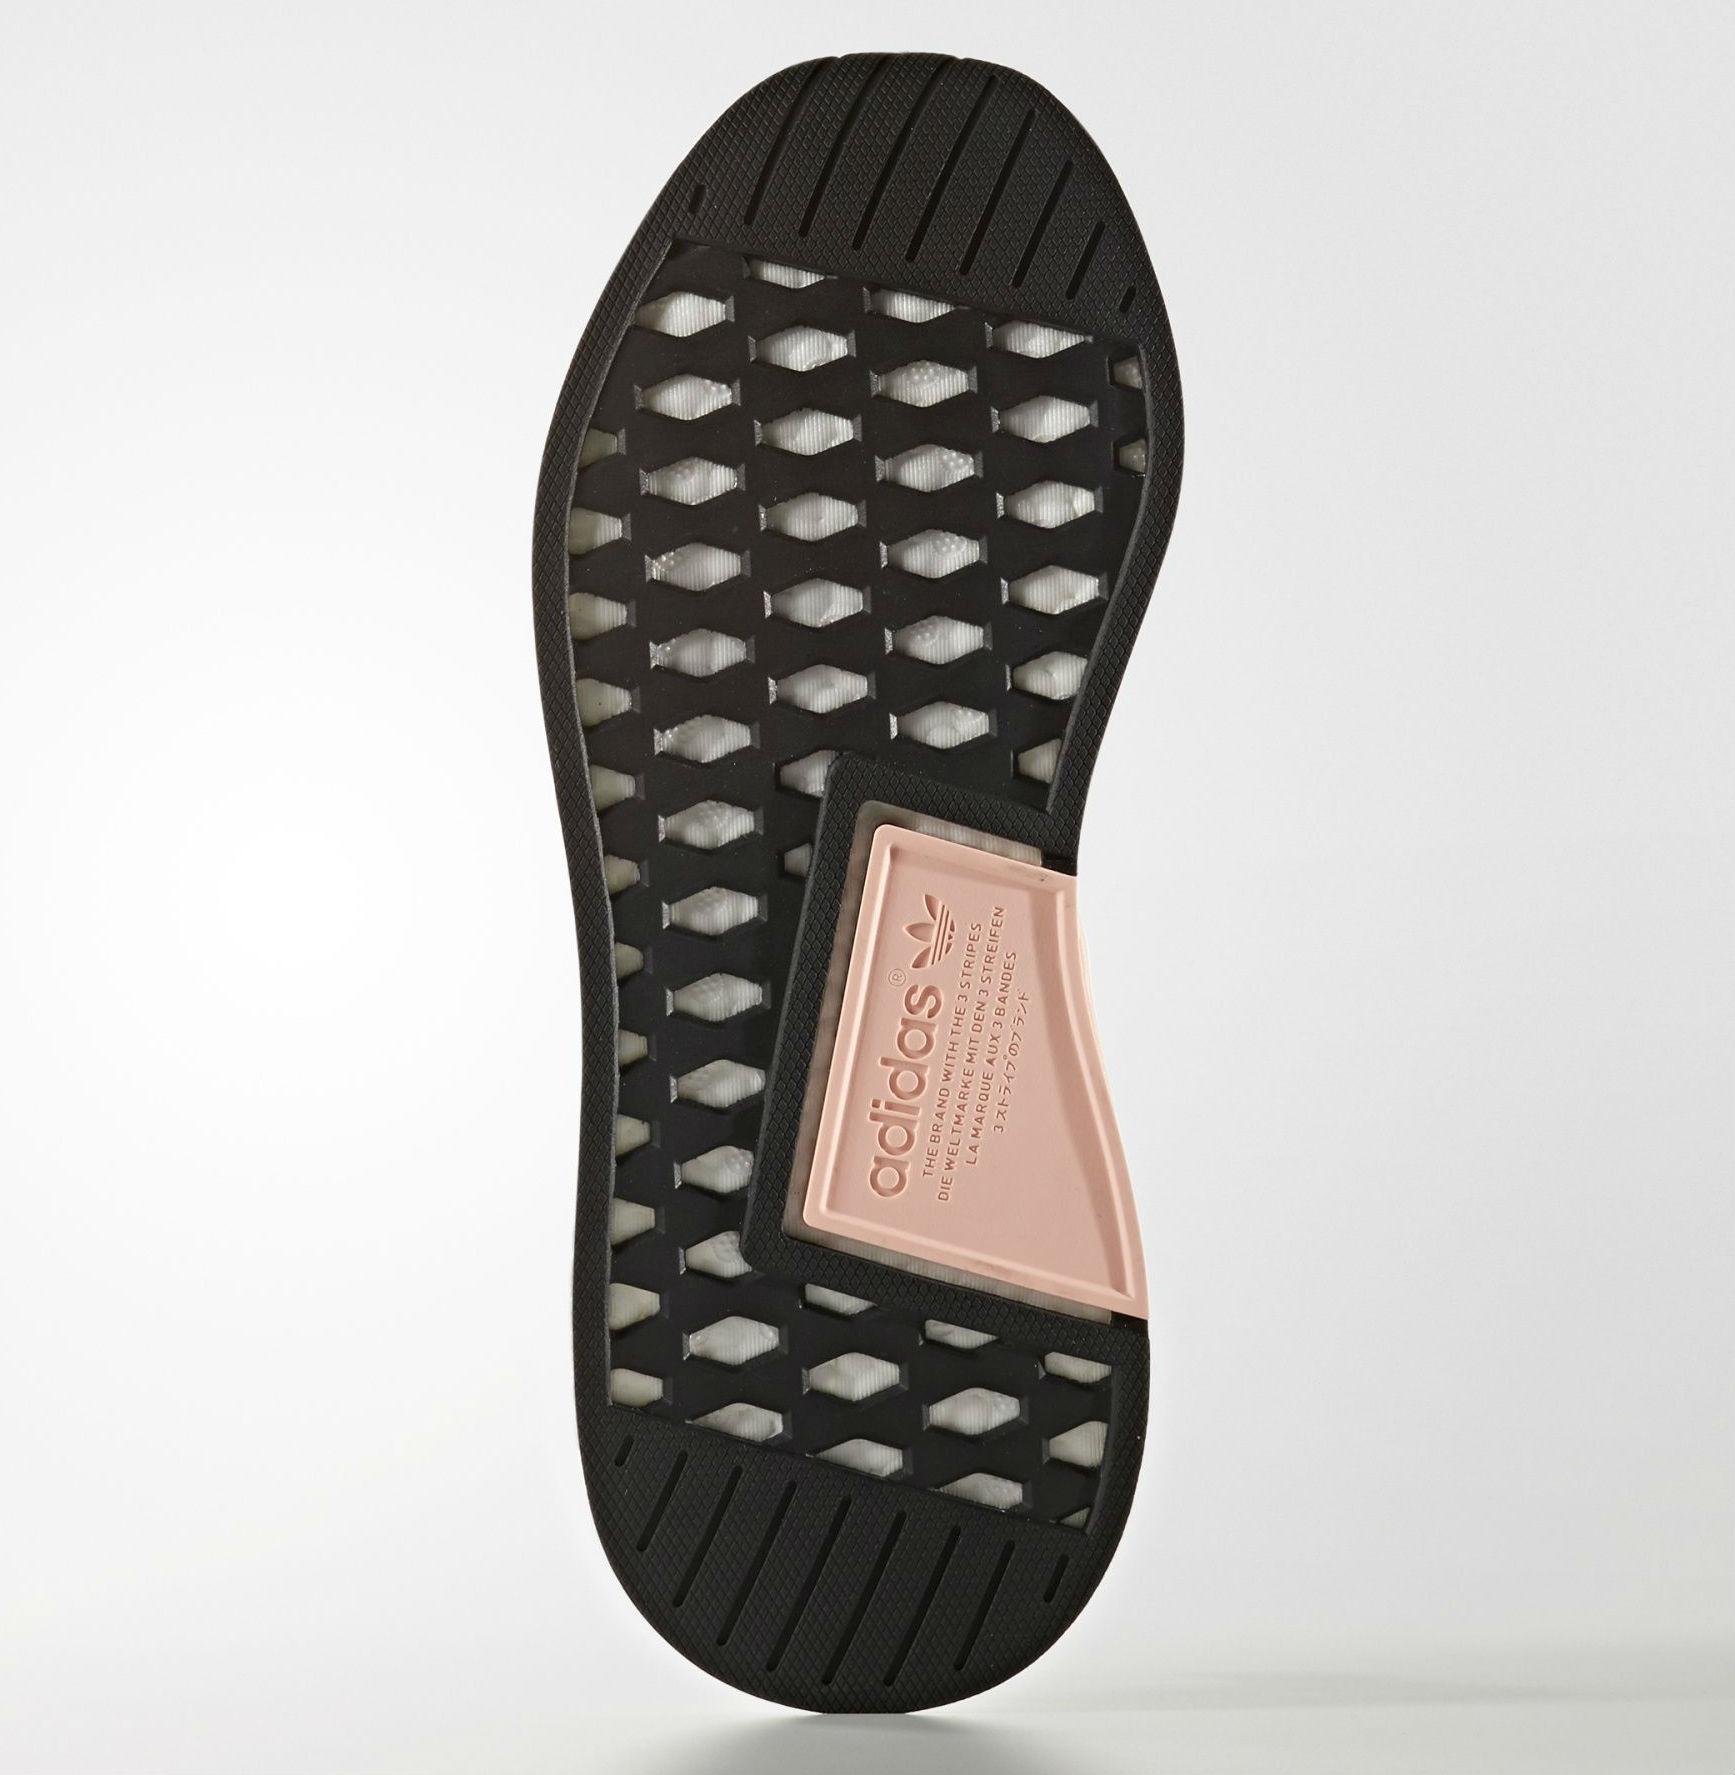 adidas NMD_R2 Primeknit Black Sole BA7239